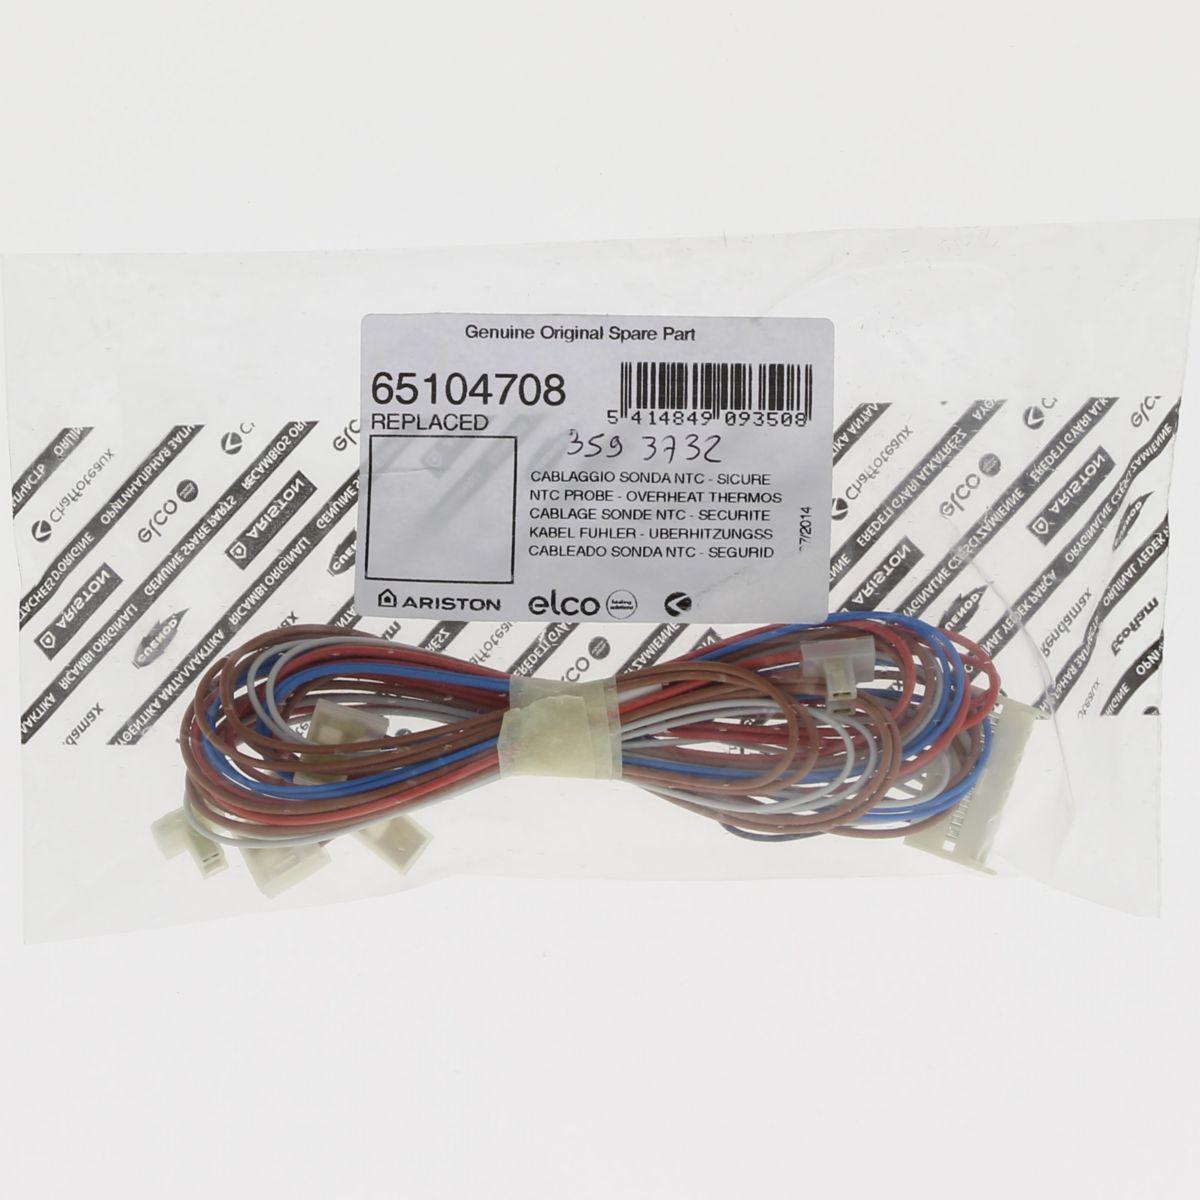 Cablage sonde NTC-sécurité thermique ALIXIA Réf. 65104708